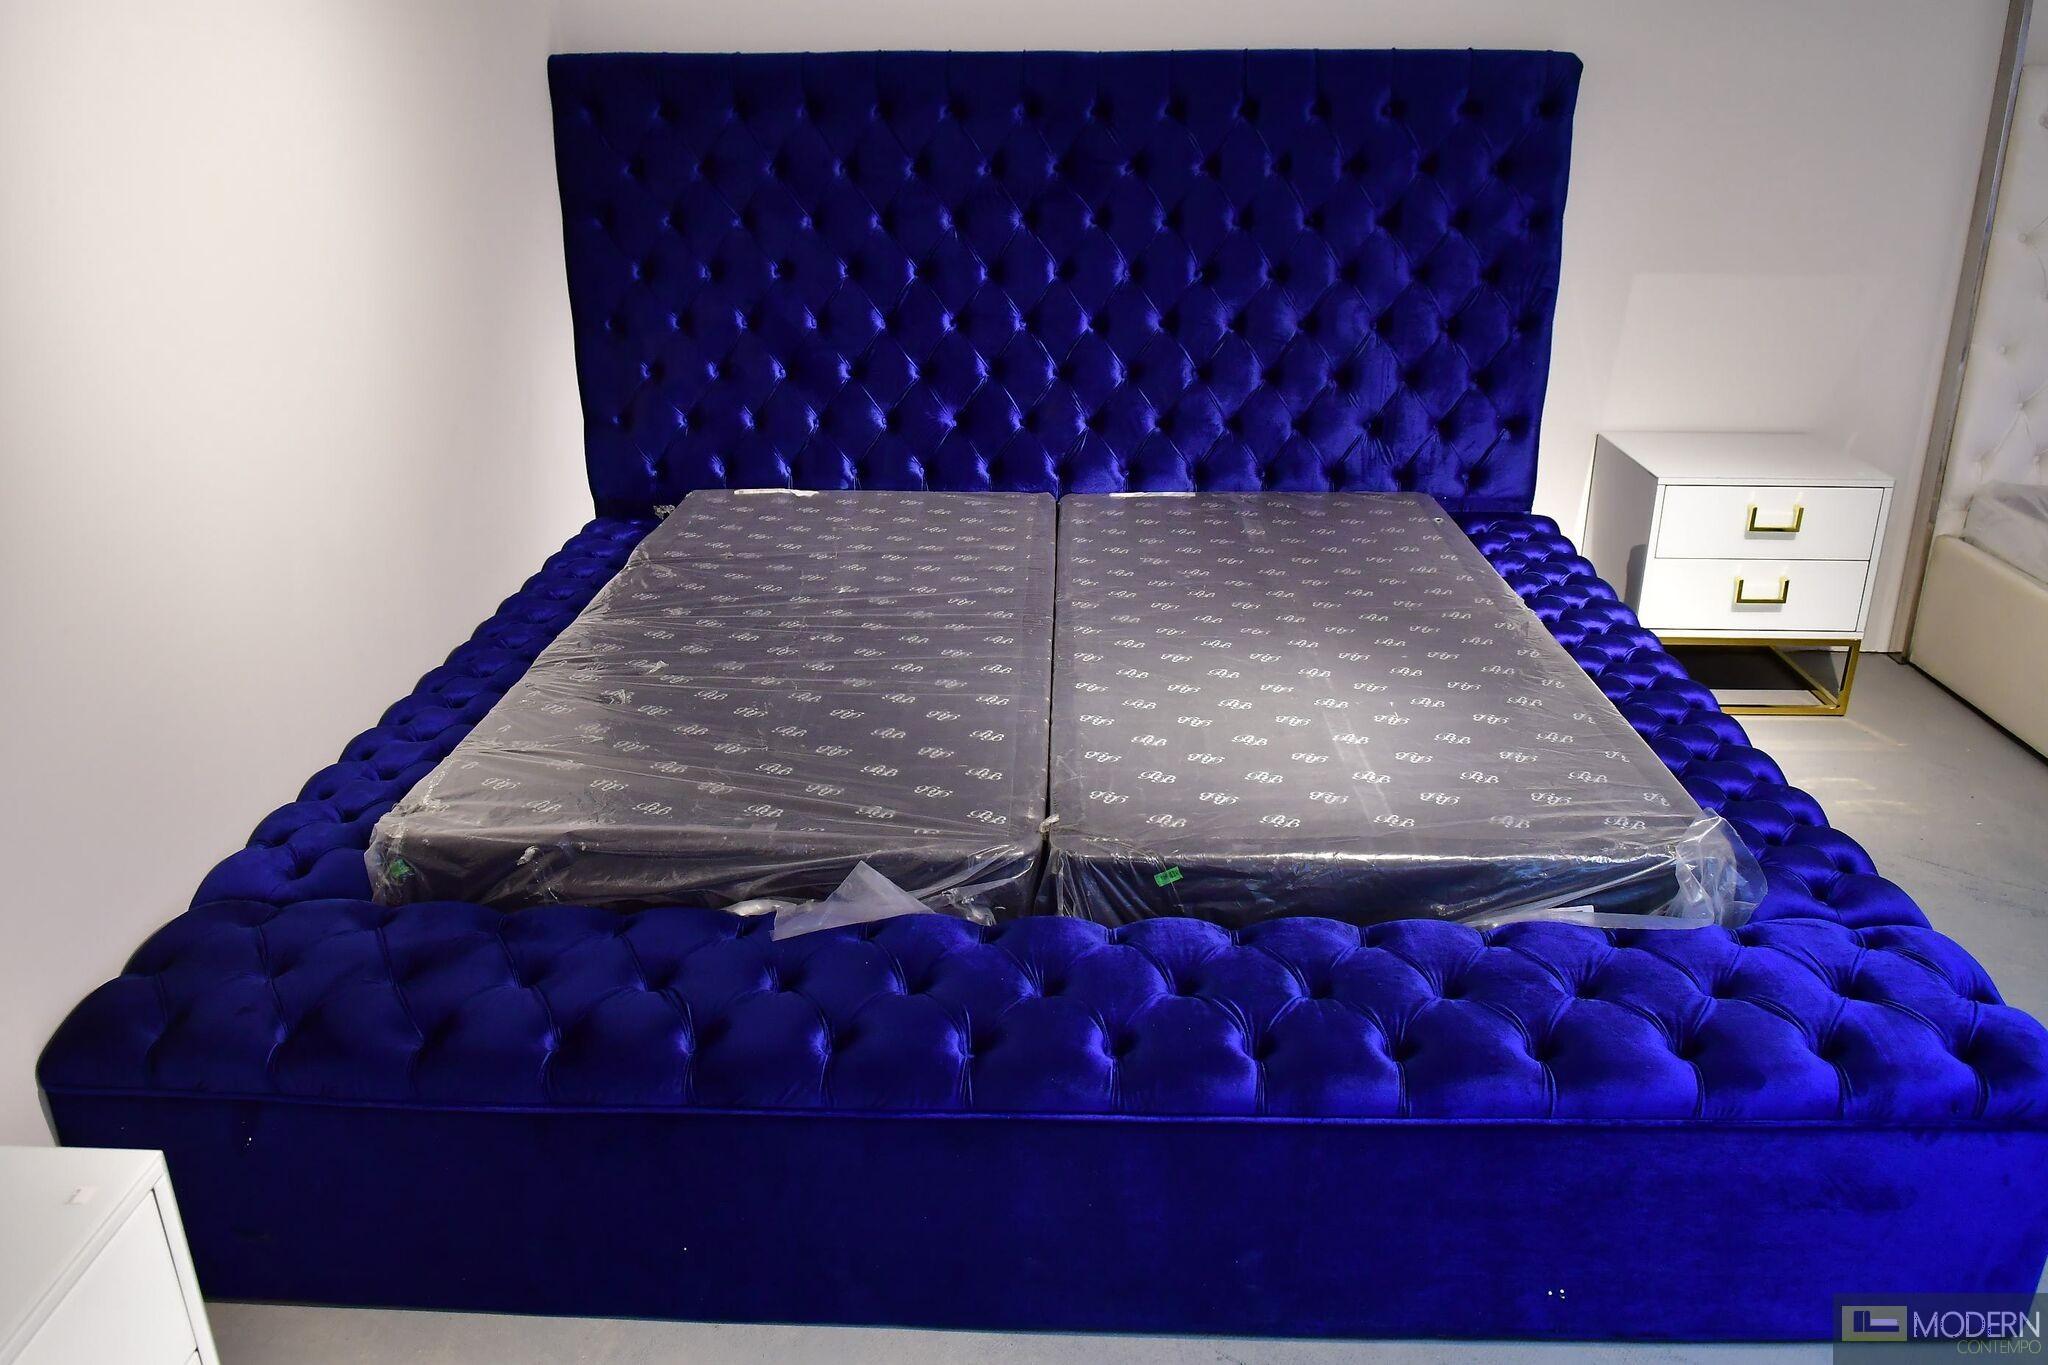 Hermes BLUE Velvet Bed with storage in footrest & side rails